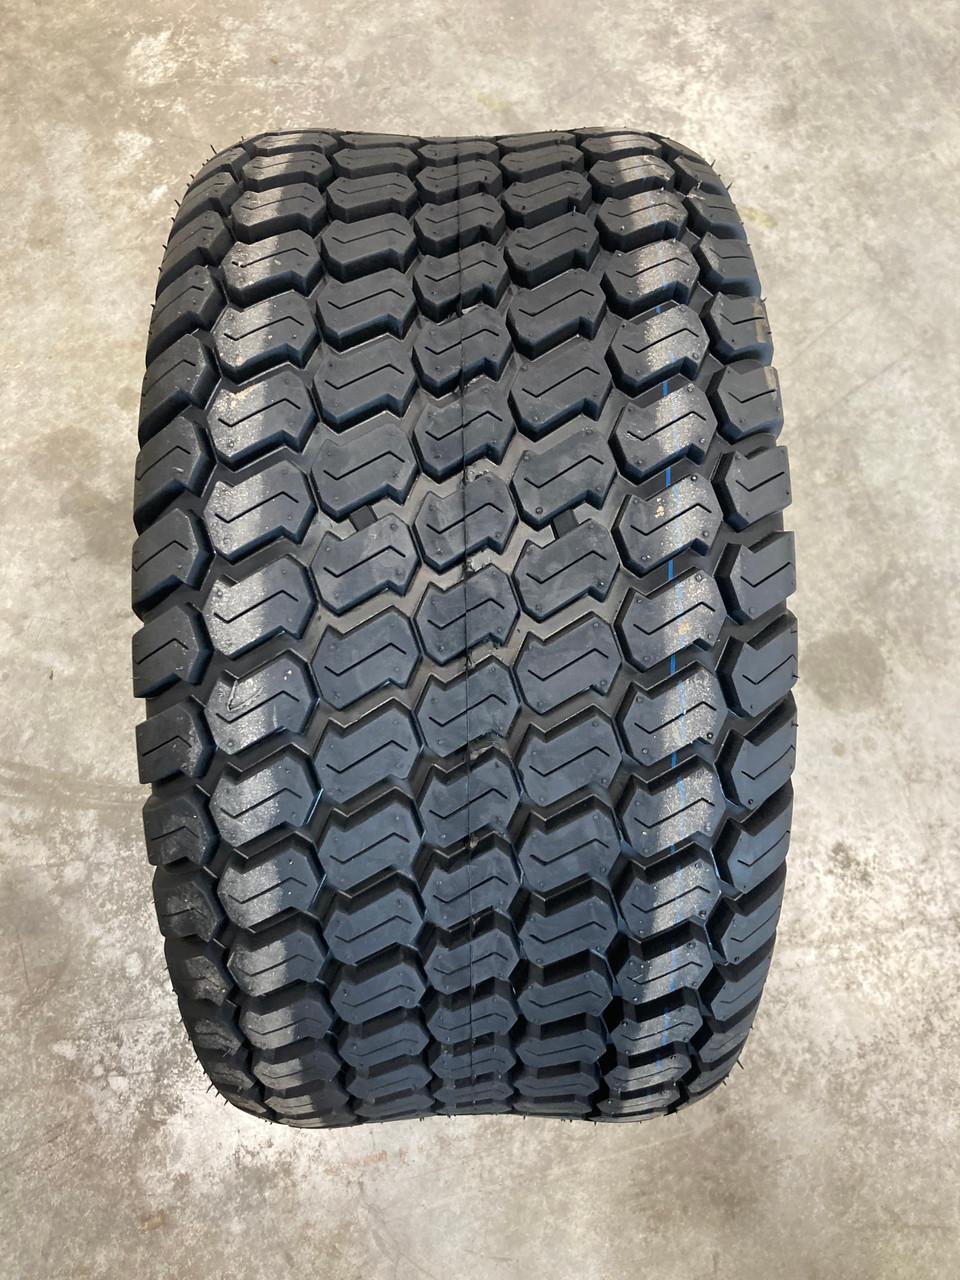 New Turf Tire 26 12.00 12 Air Loc Turf 6 ply 26x12-12